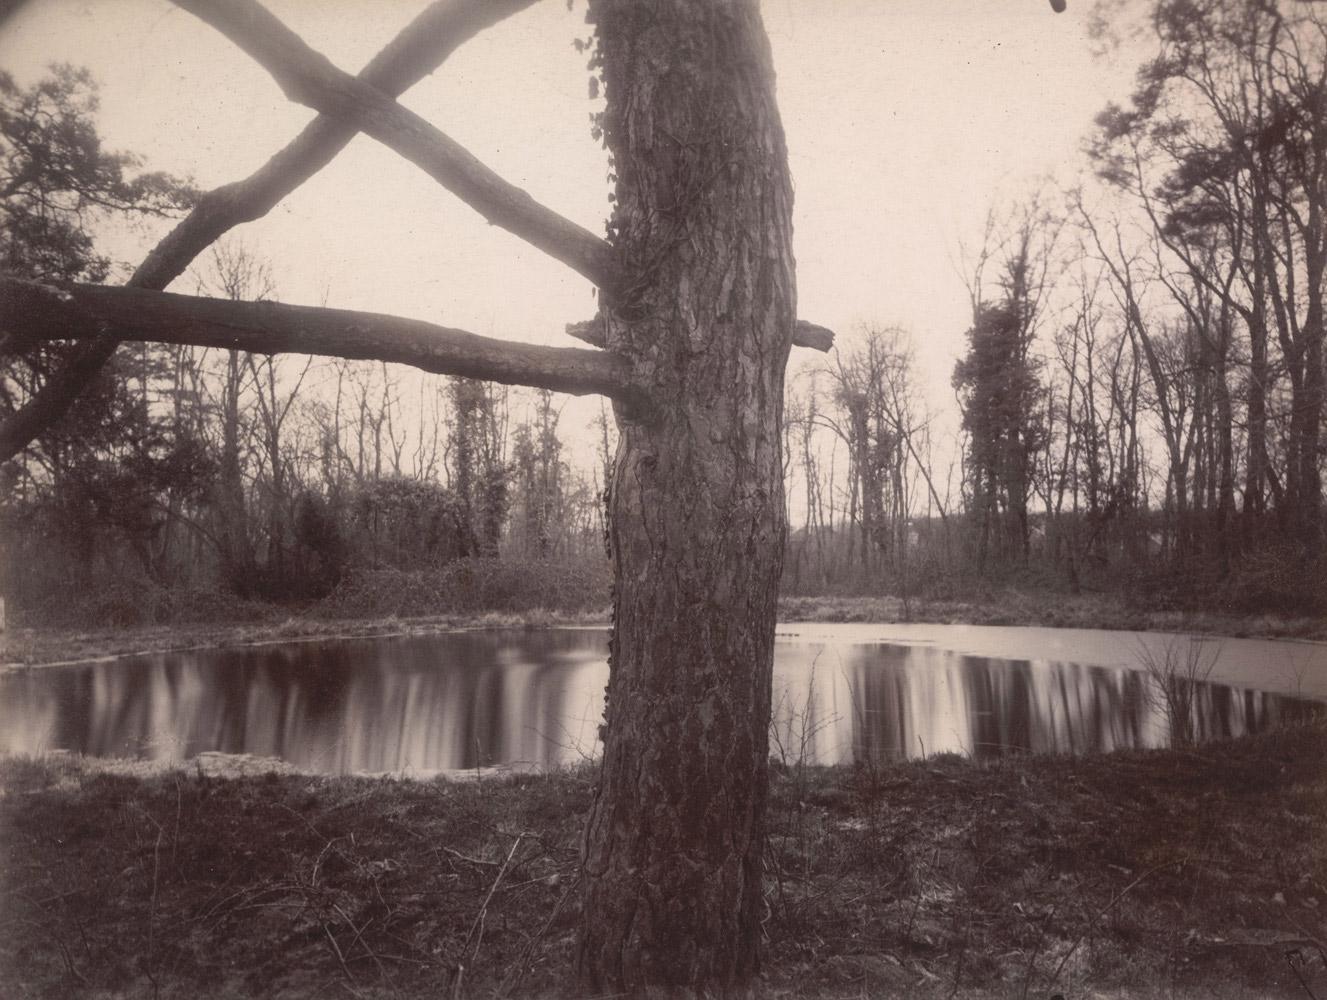 Parc de Sceaux, March, 7 a.m., 1925